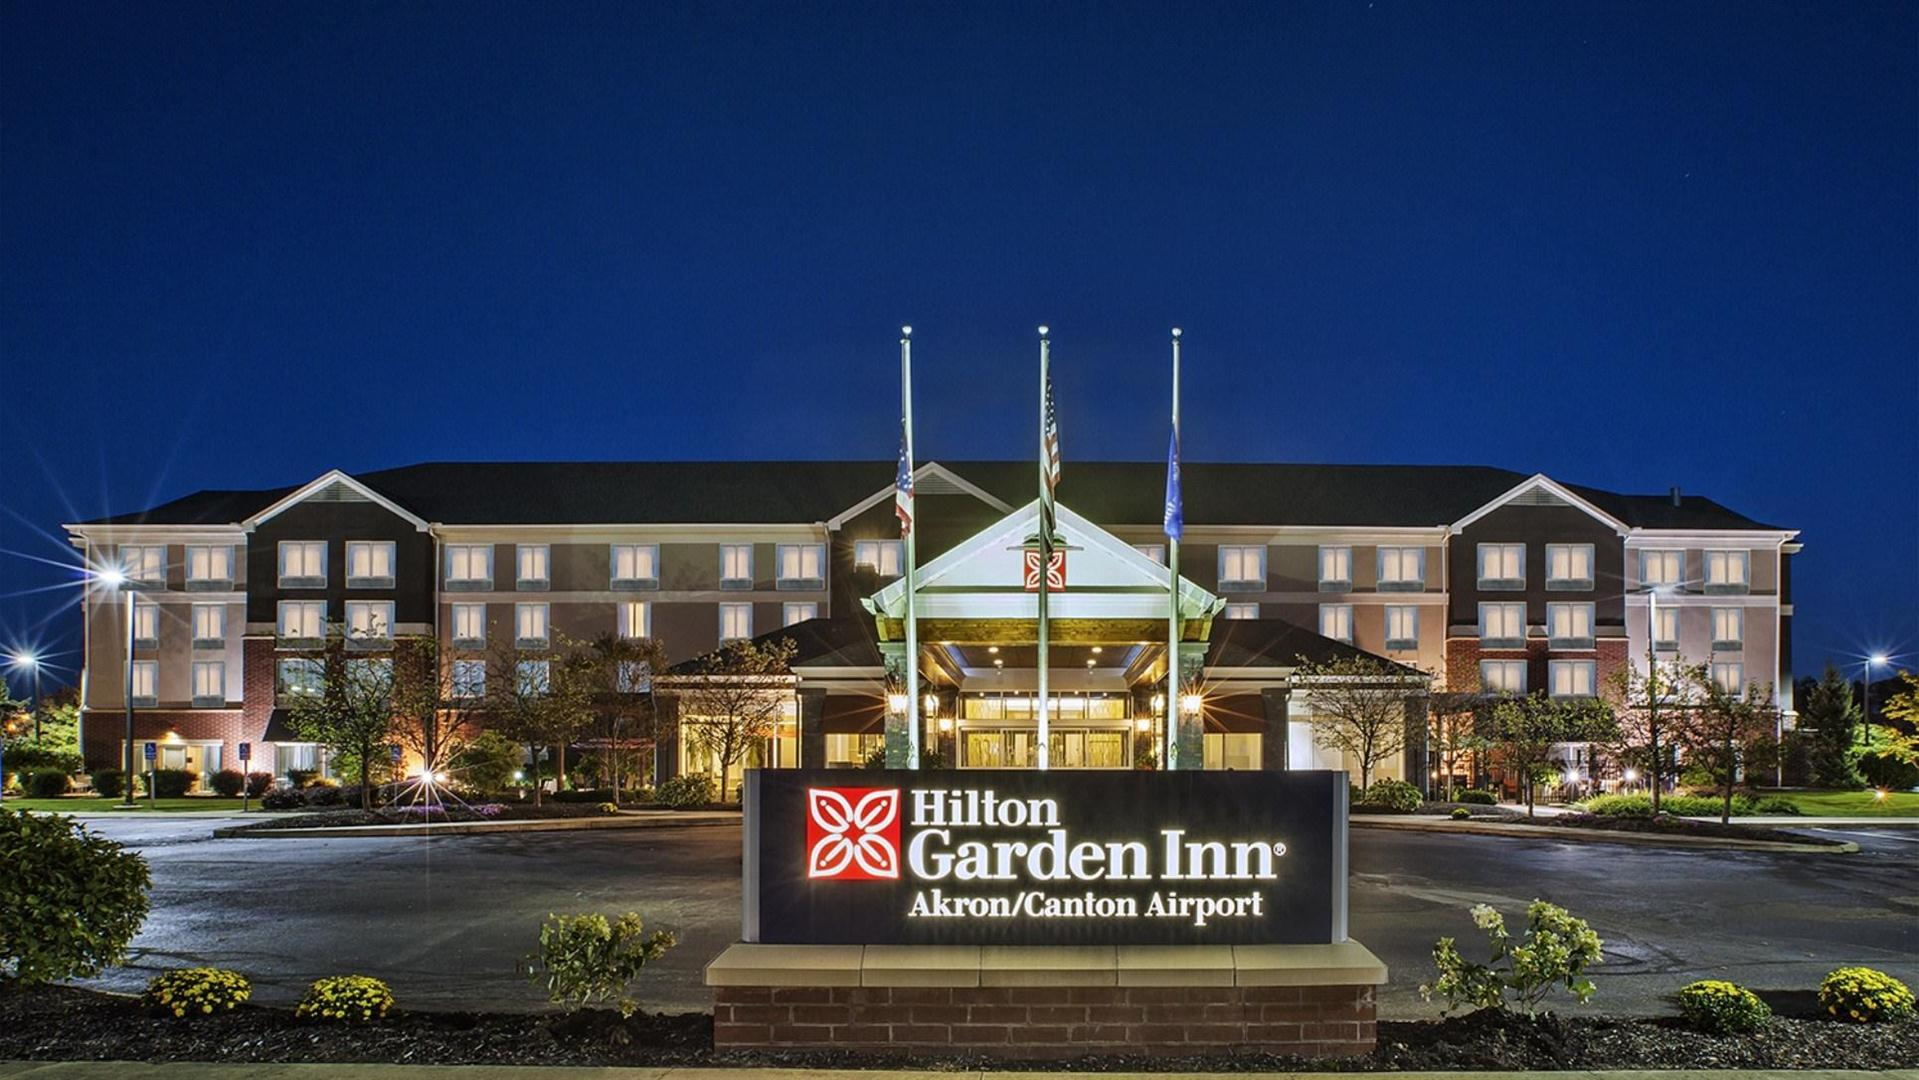 Hilton Garden Inn Akron Canton Airport